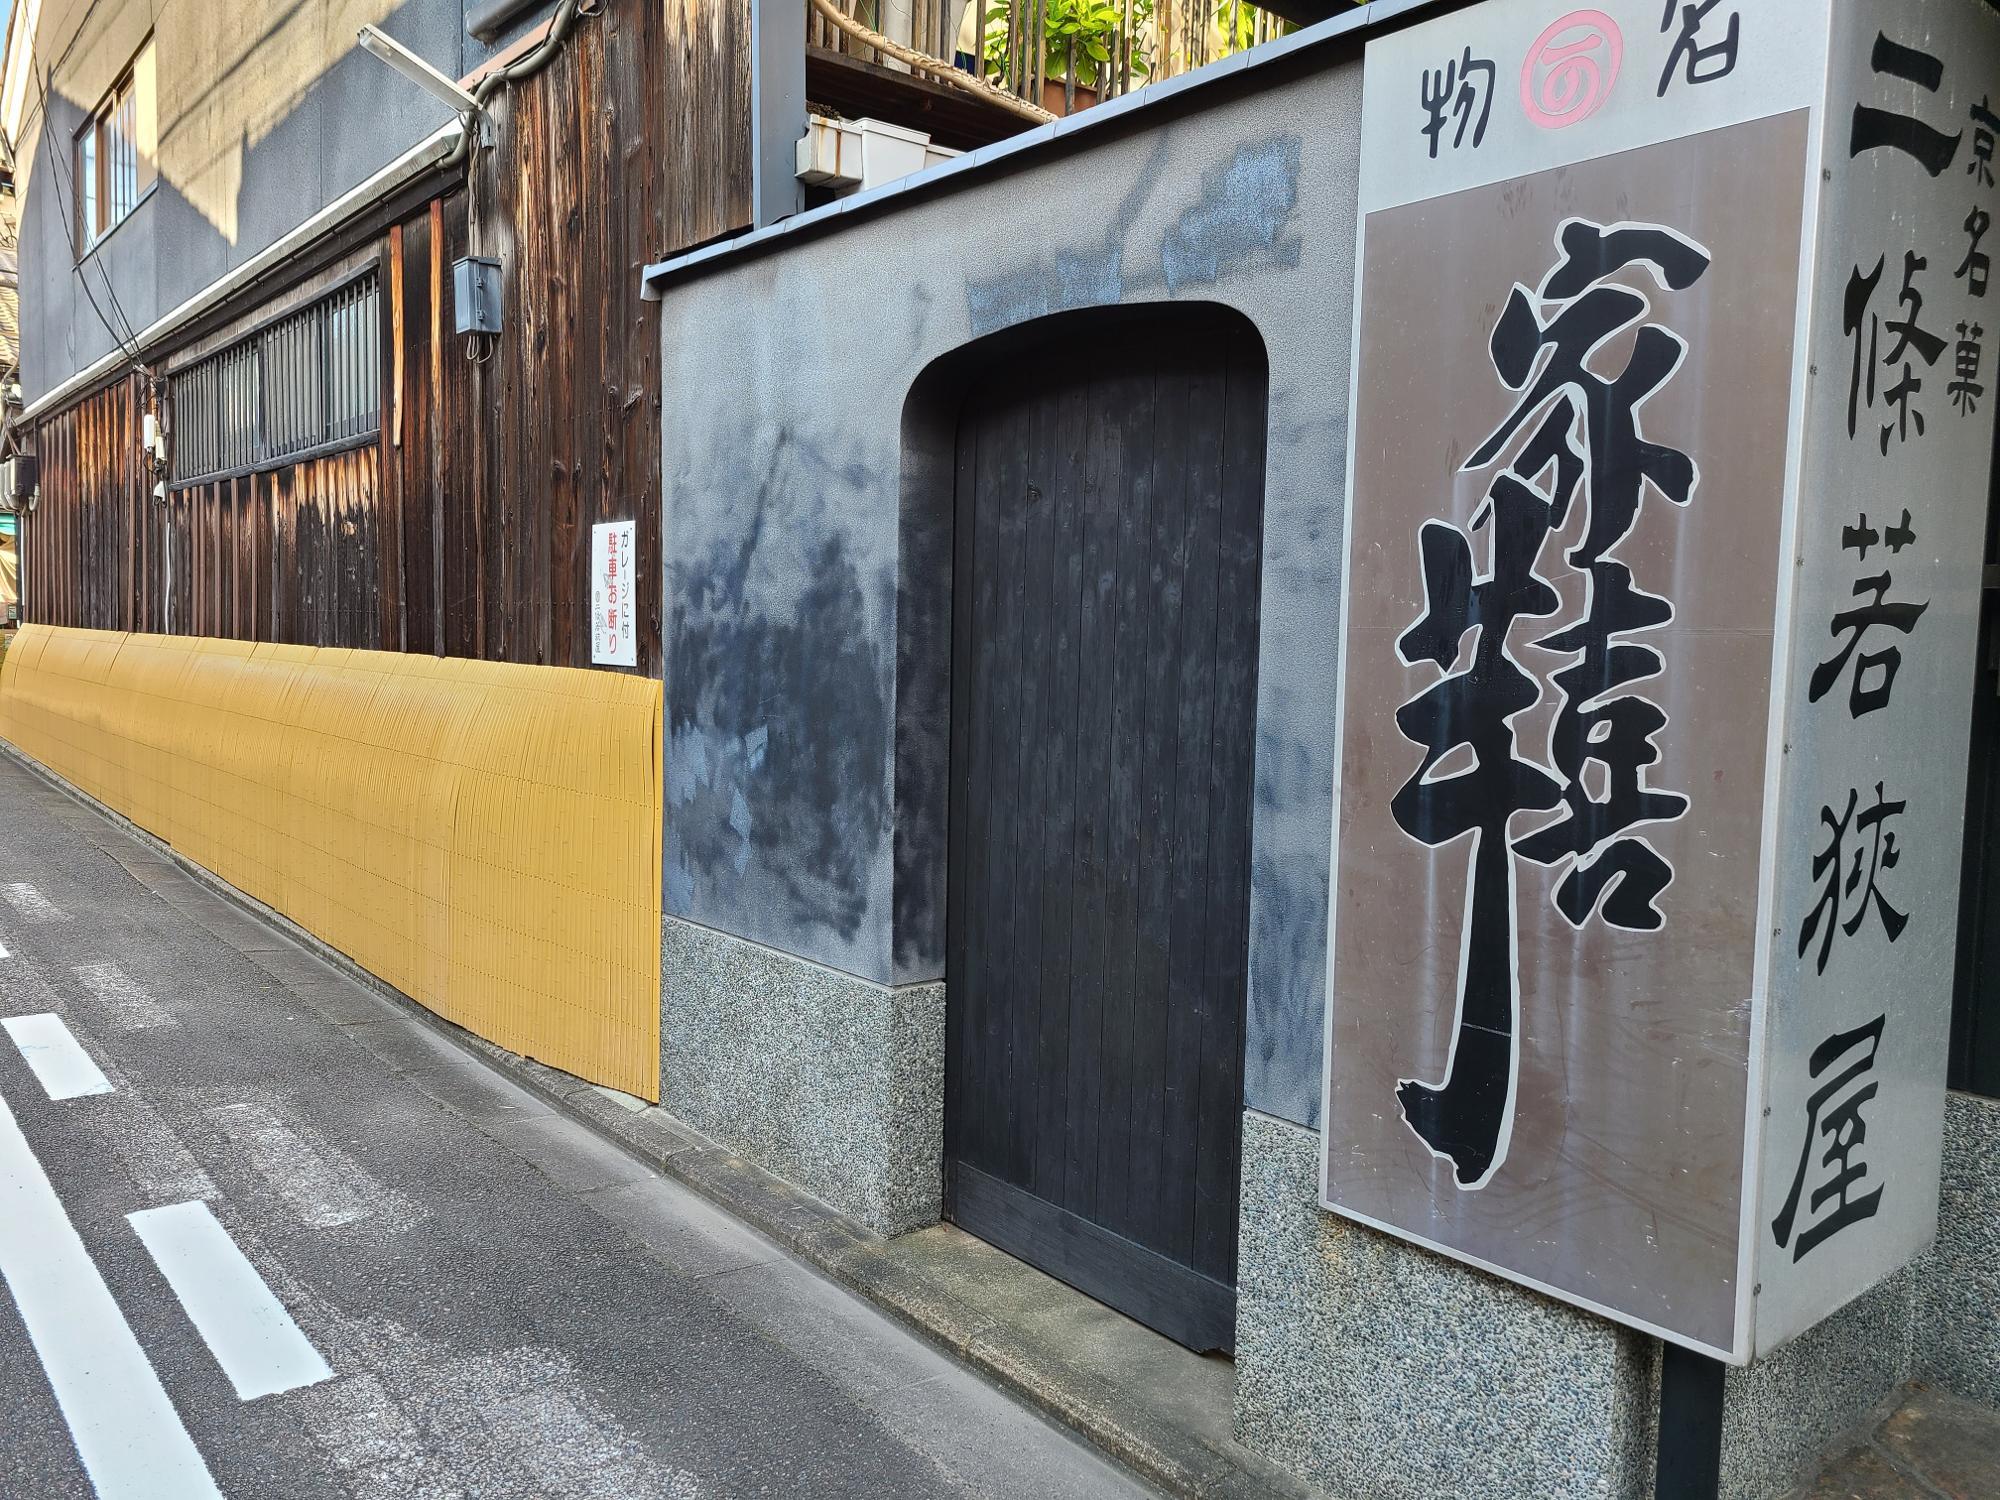 昔の看板や犬矢来などに囲まれた旧店舗の外観